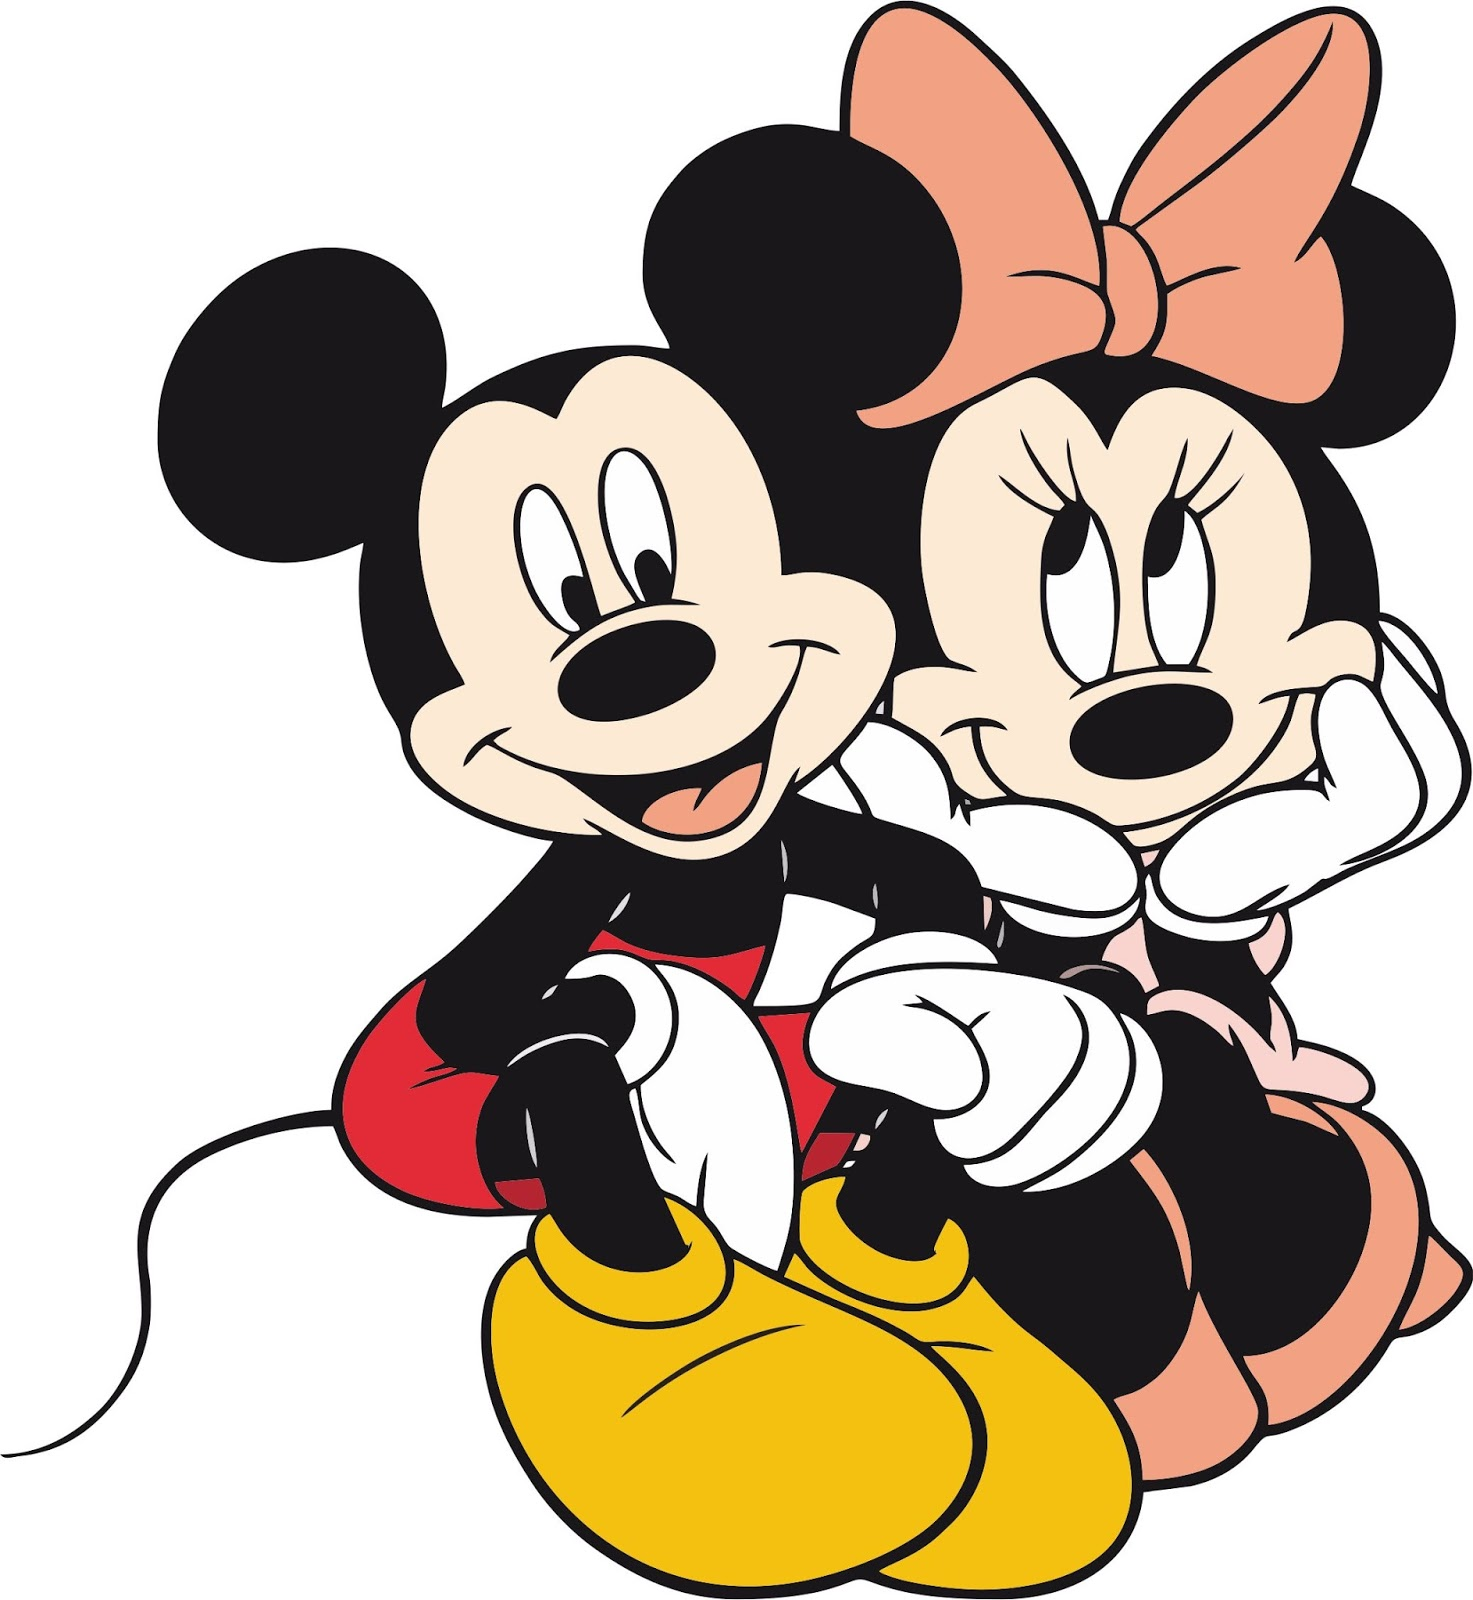 Mickey e Minnie apaixonados - Pacote de Imagens ...